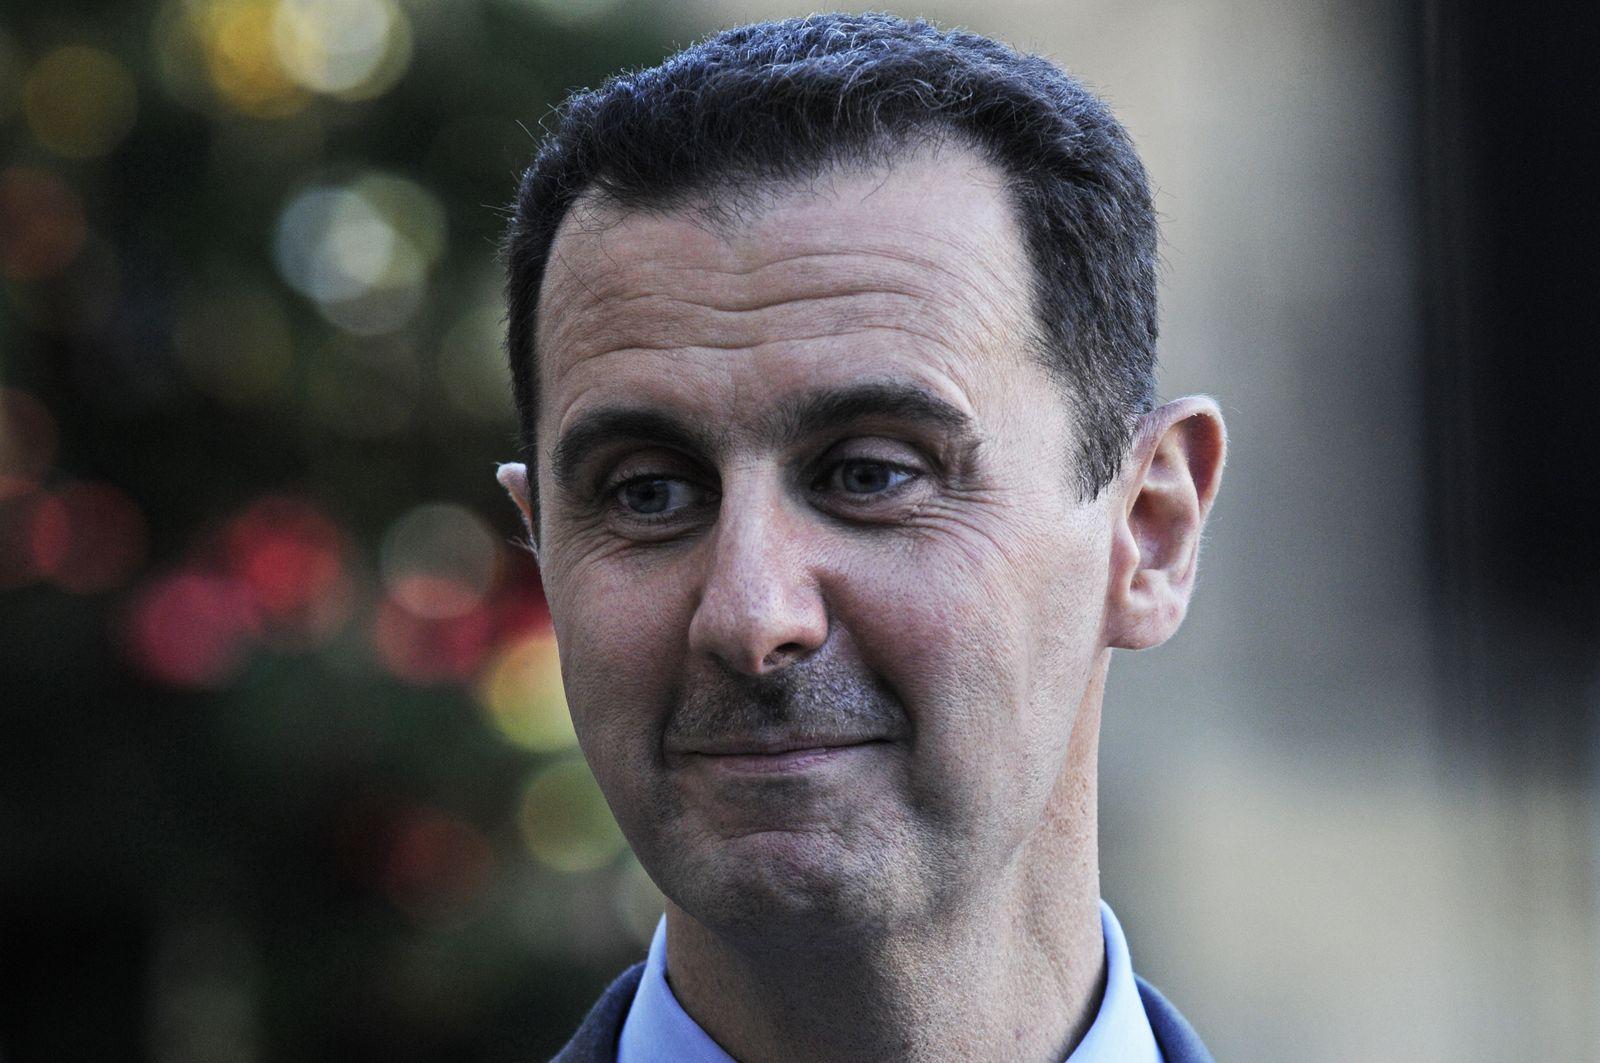 NICHT MEHR VERWENDEN! - Syrien / Bashar al-Assad